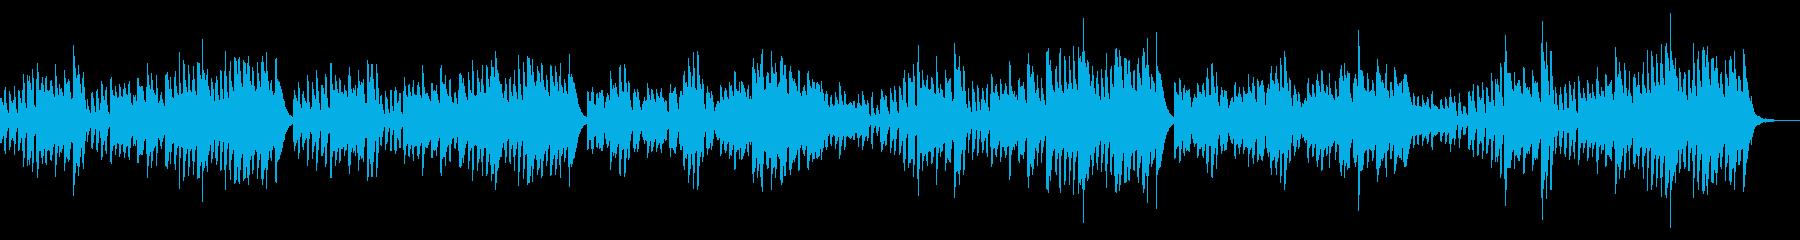 ピアノ練習曲/ブルグミュラーやさしい花の再生済みの波形